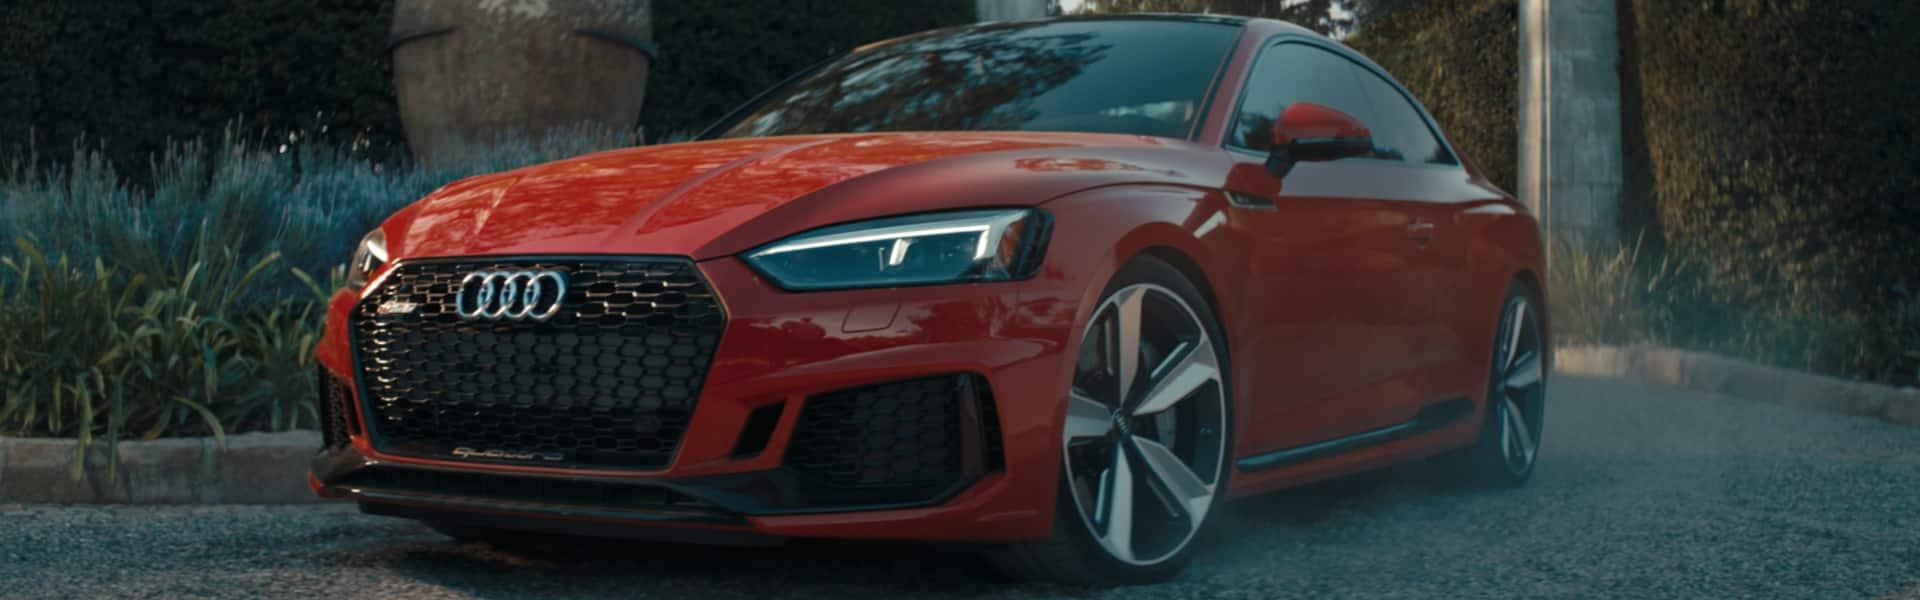 Audi Canada - Audi car photo